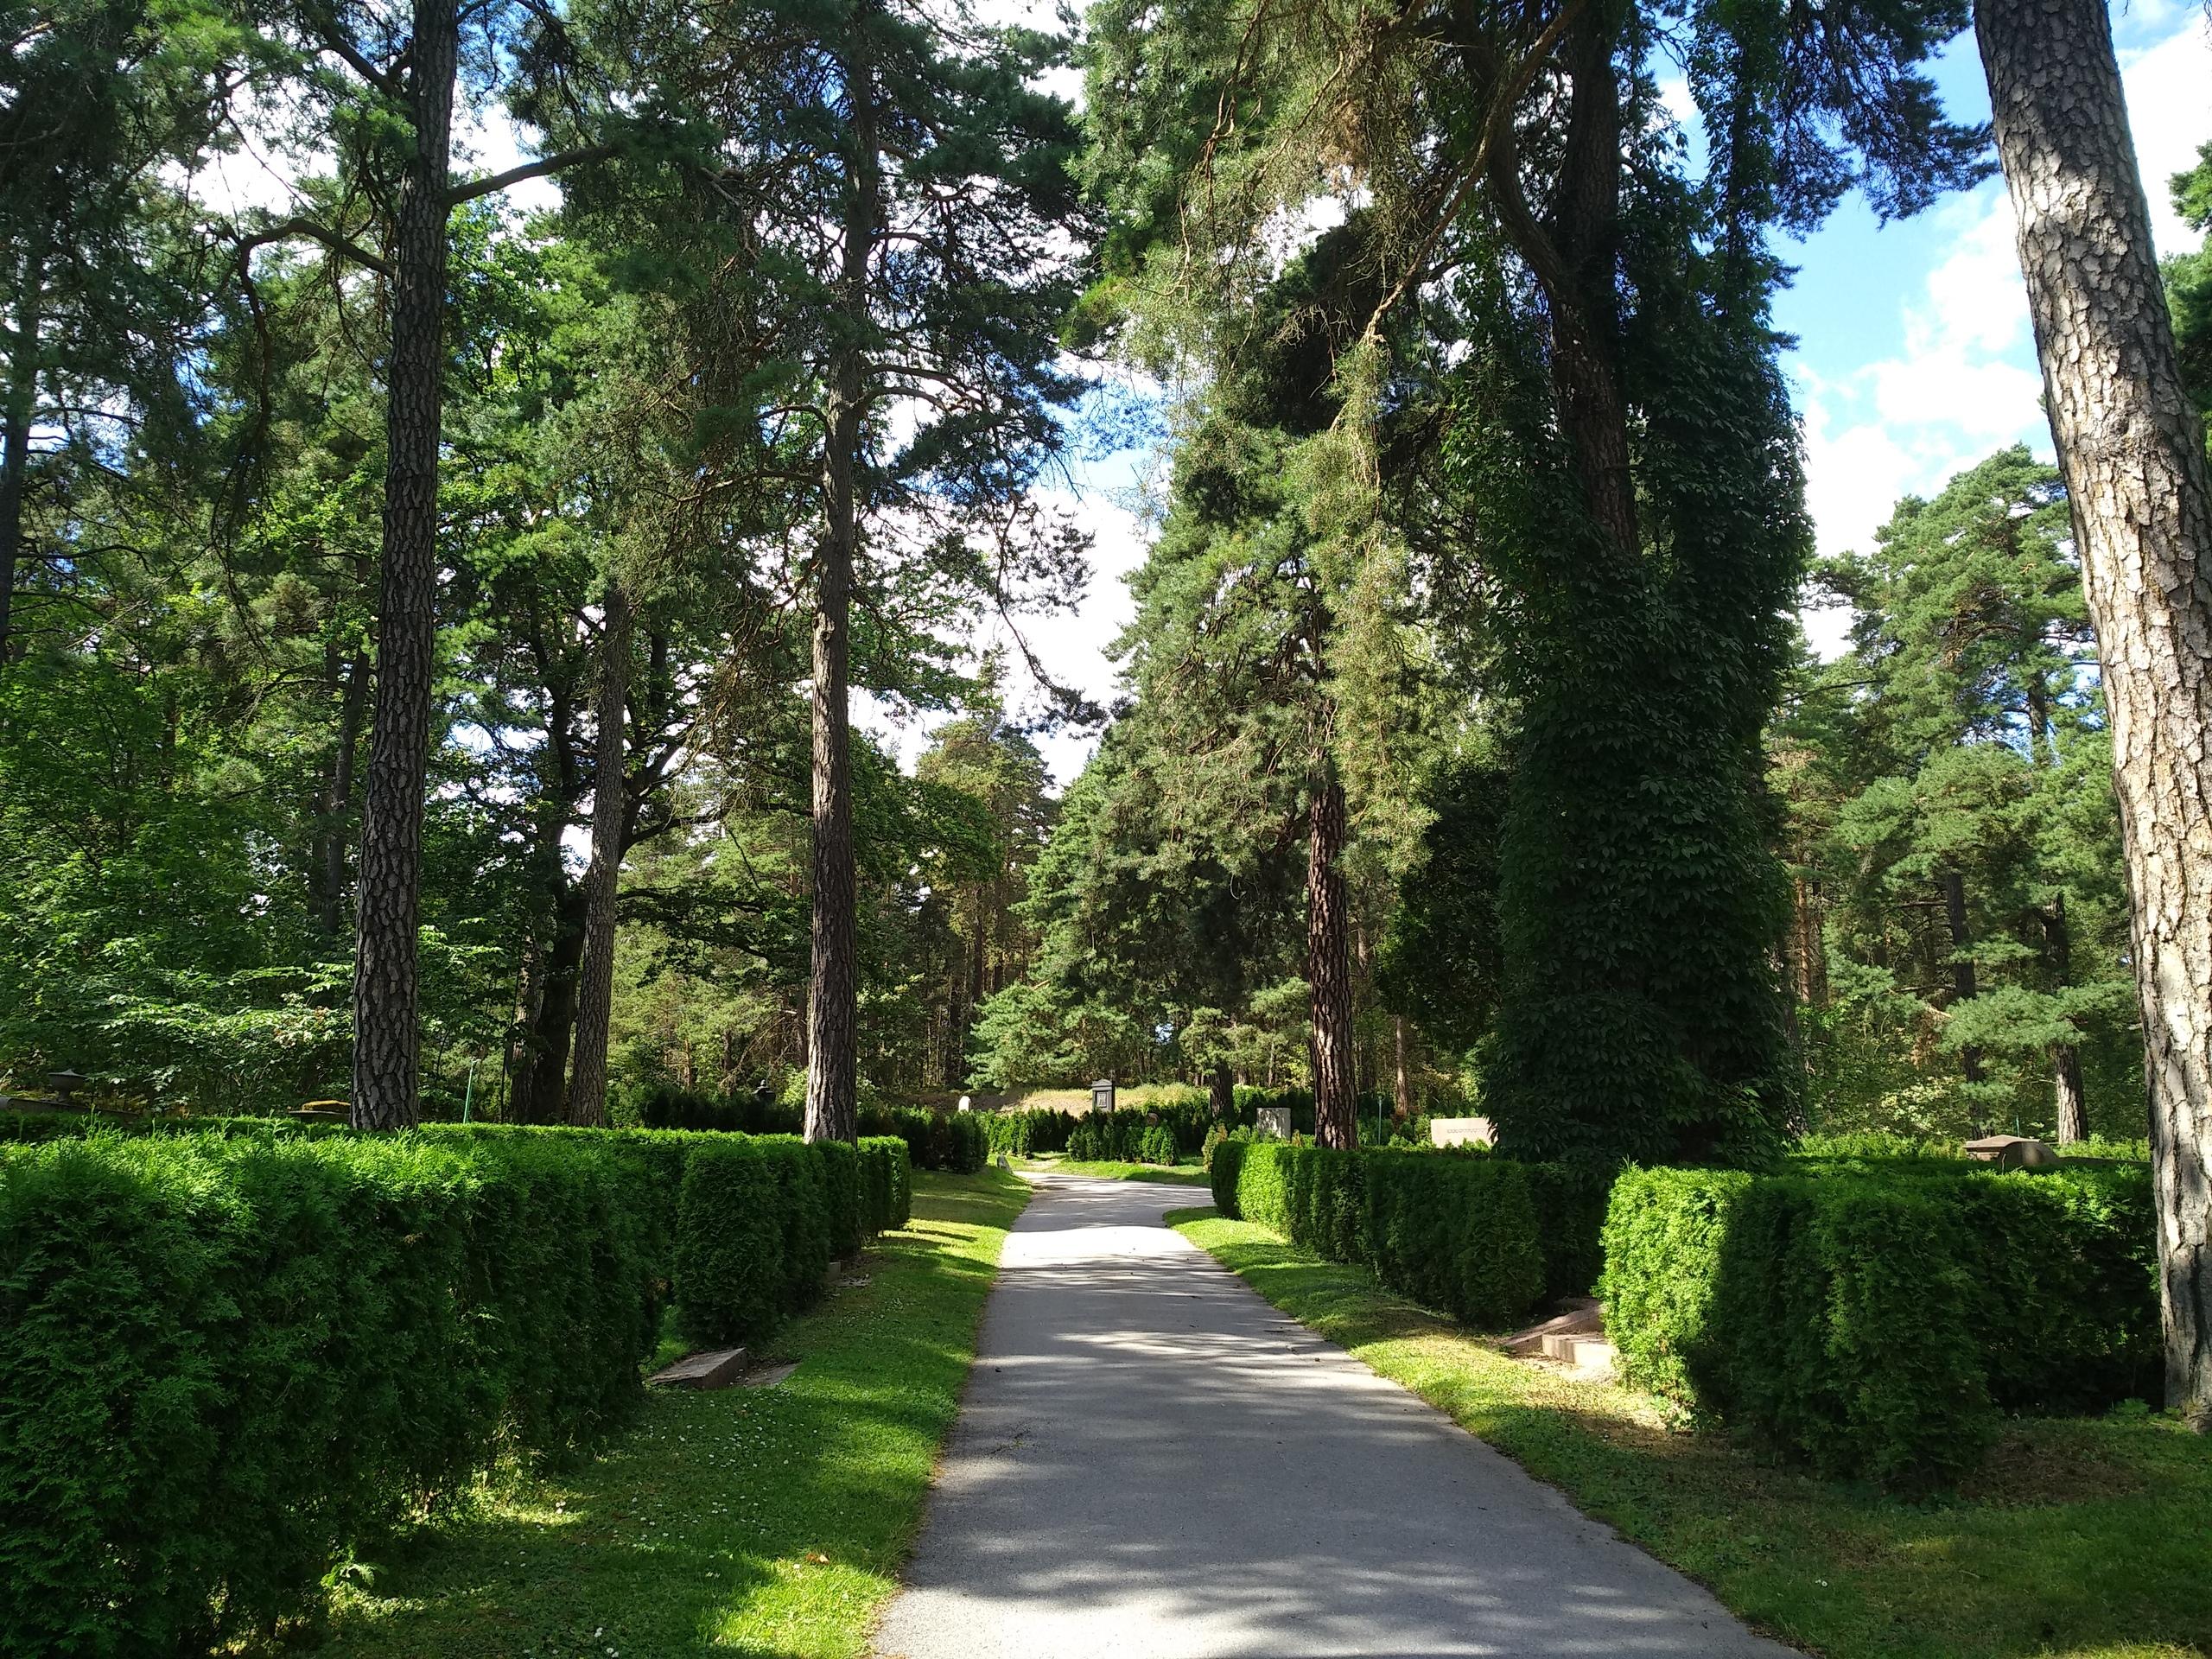 Случайное паломничество к могиле Ингрид Бергман